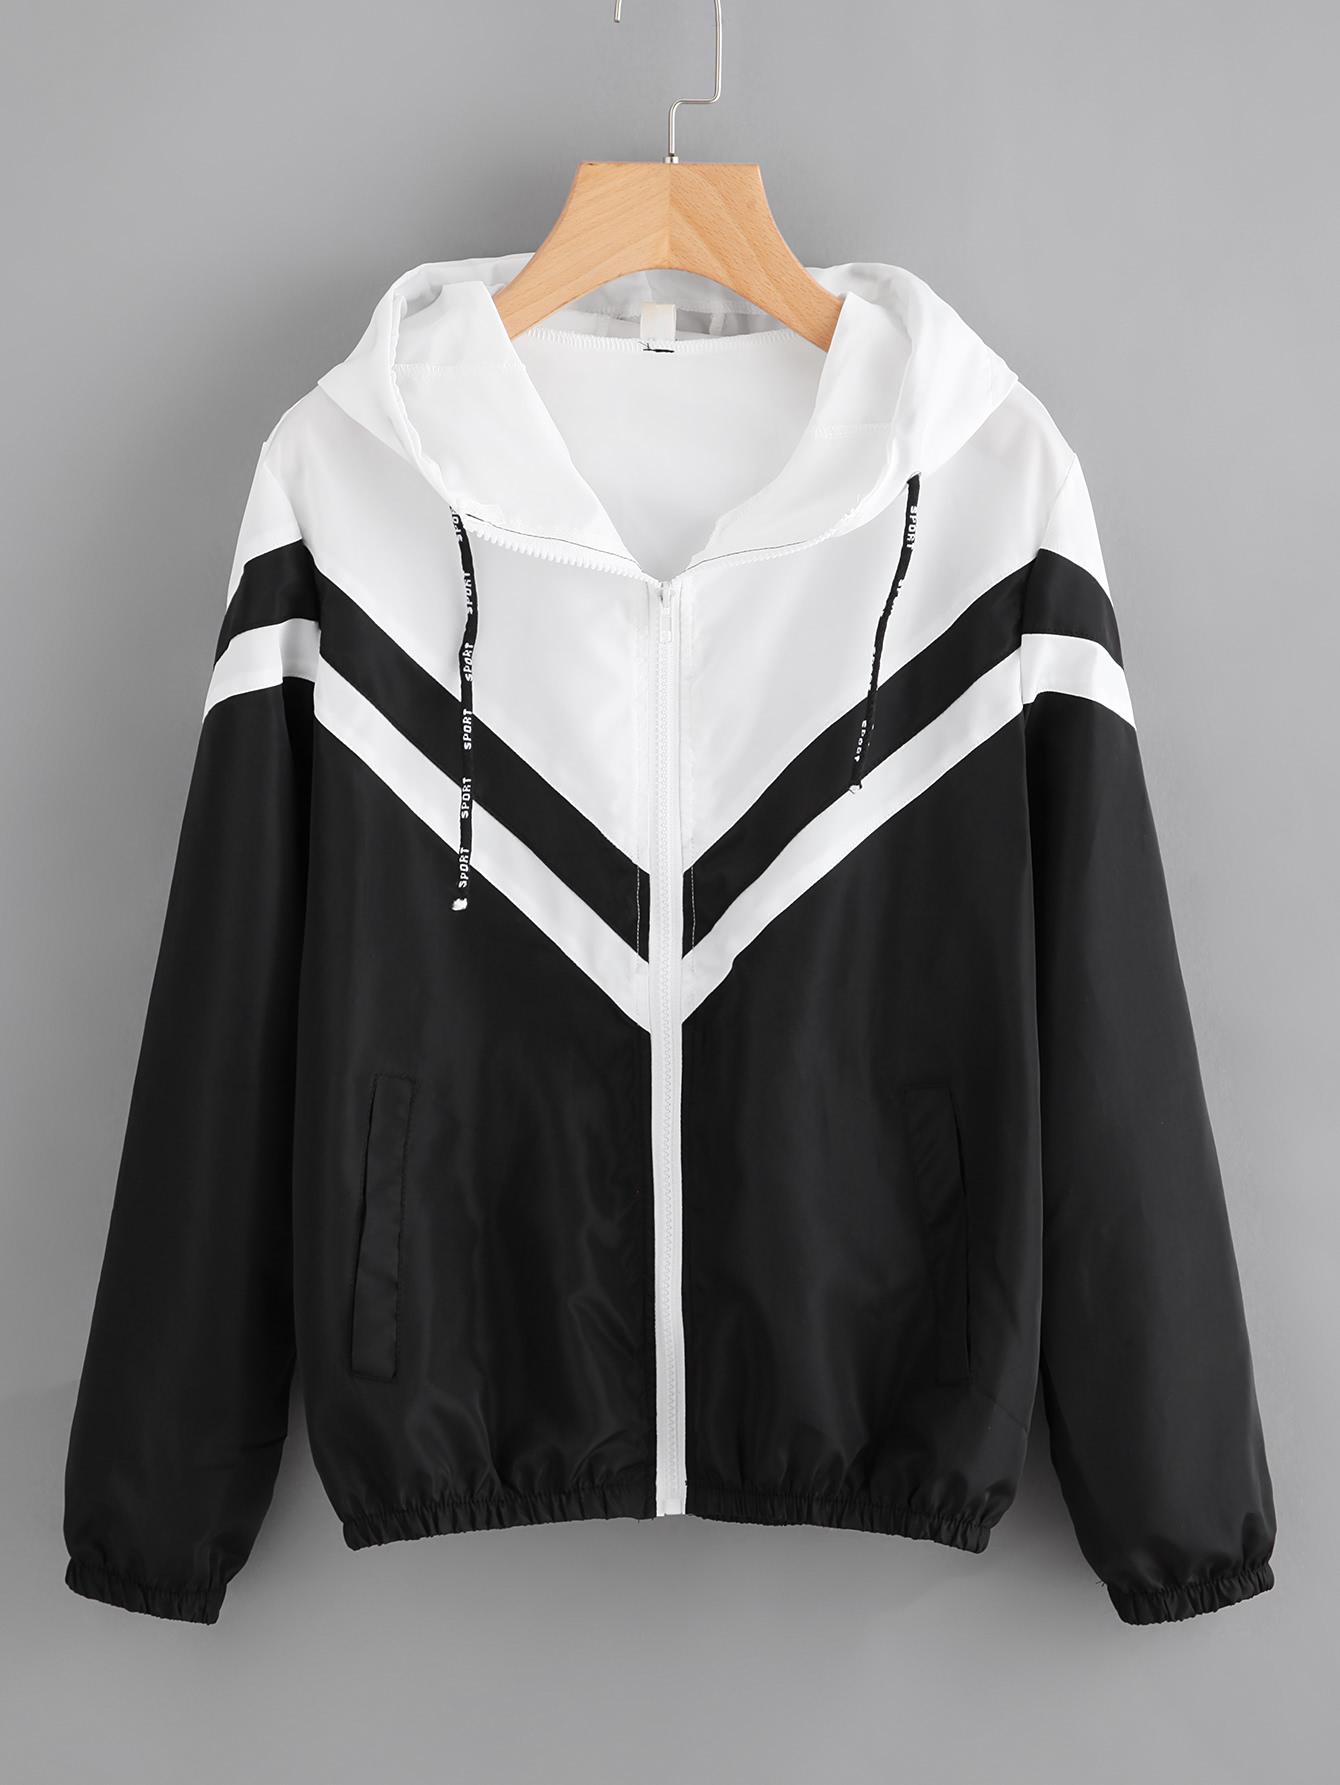 Купить Видспорта Контрастный Чёрнобелые Жакеты + Куртки, null, SheIn